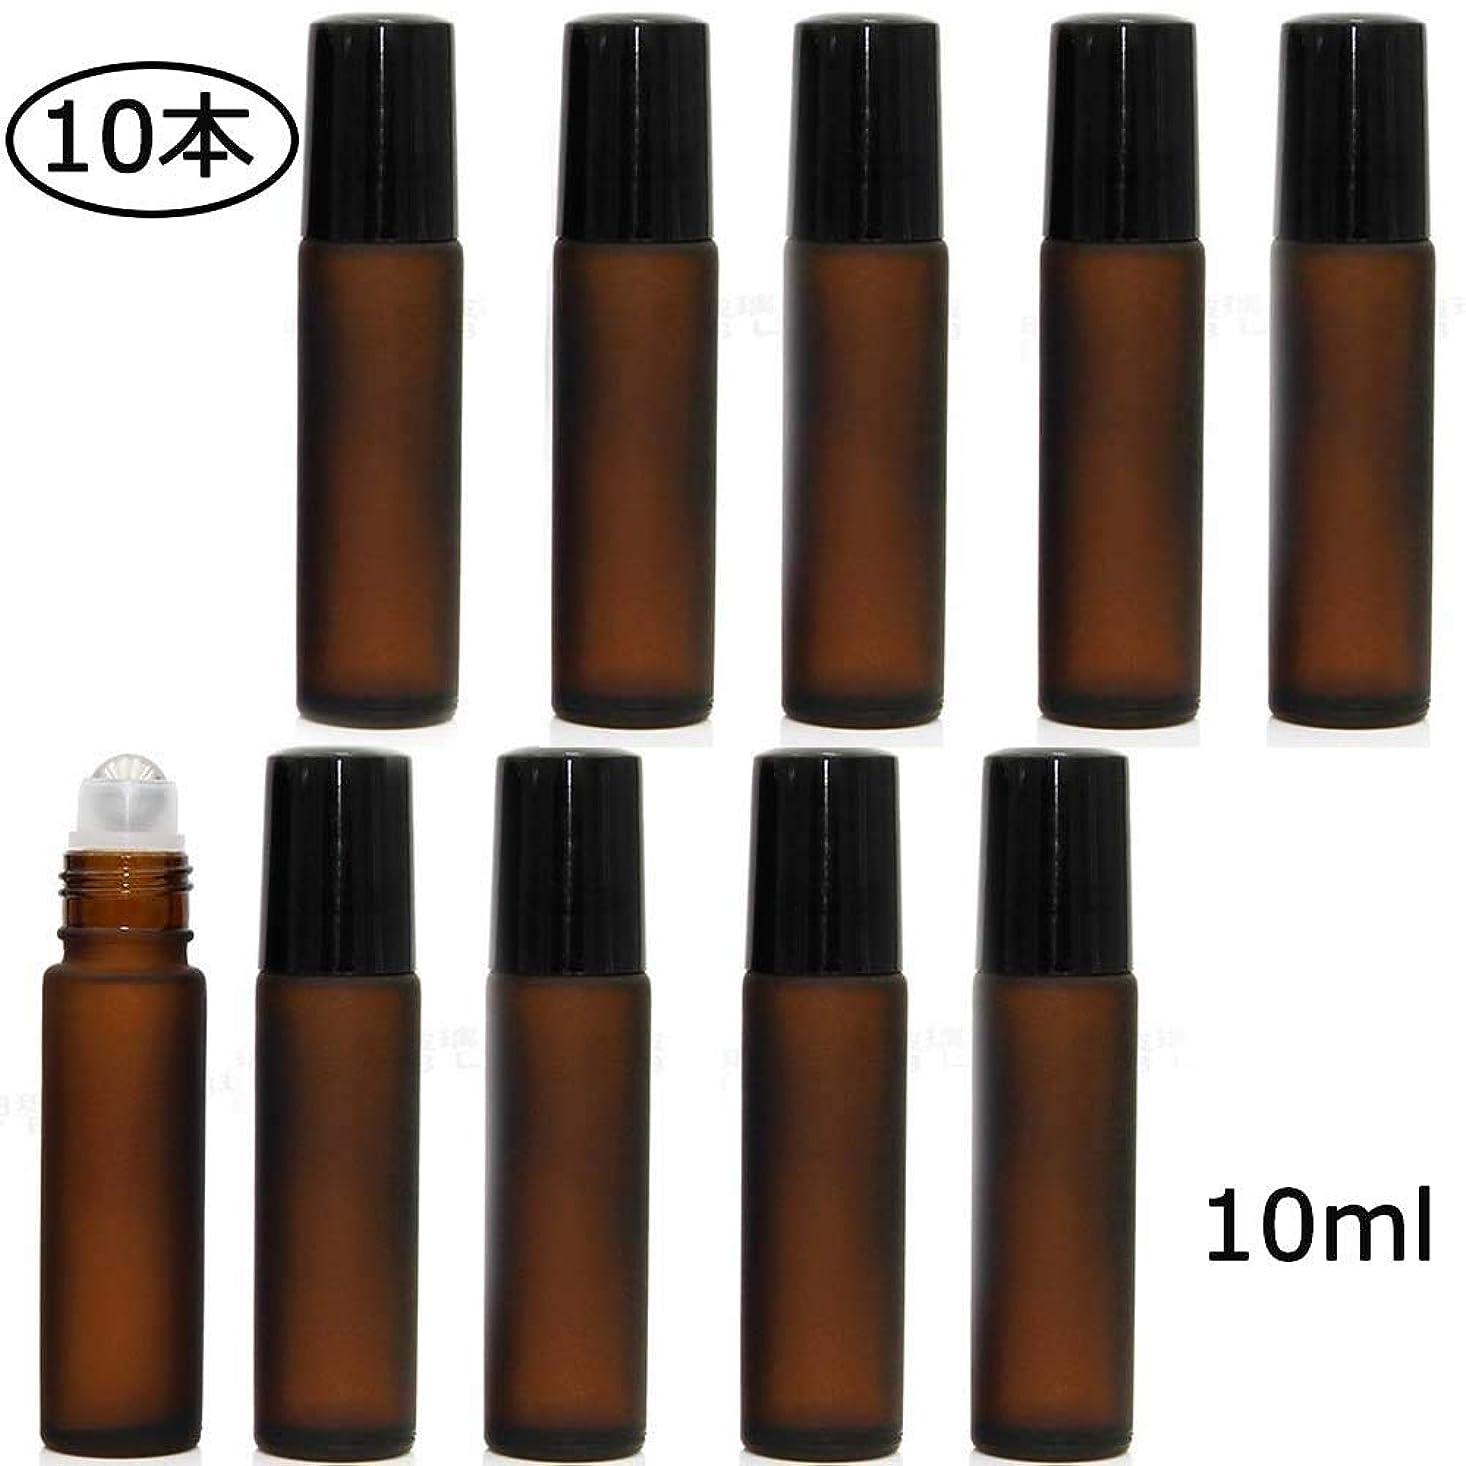 順応性のあるガード転用Simg ロールオンボトル アロマオイル 精油 小分け用 遮光瓶 10ml 10本セット ガラスロールタイプ (茶色)